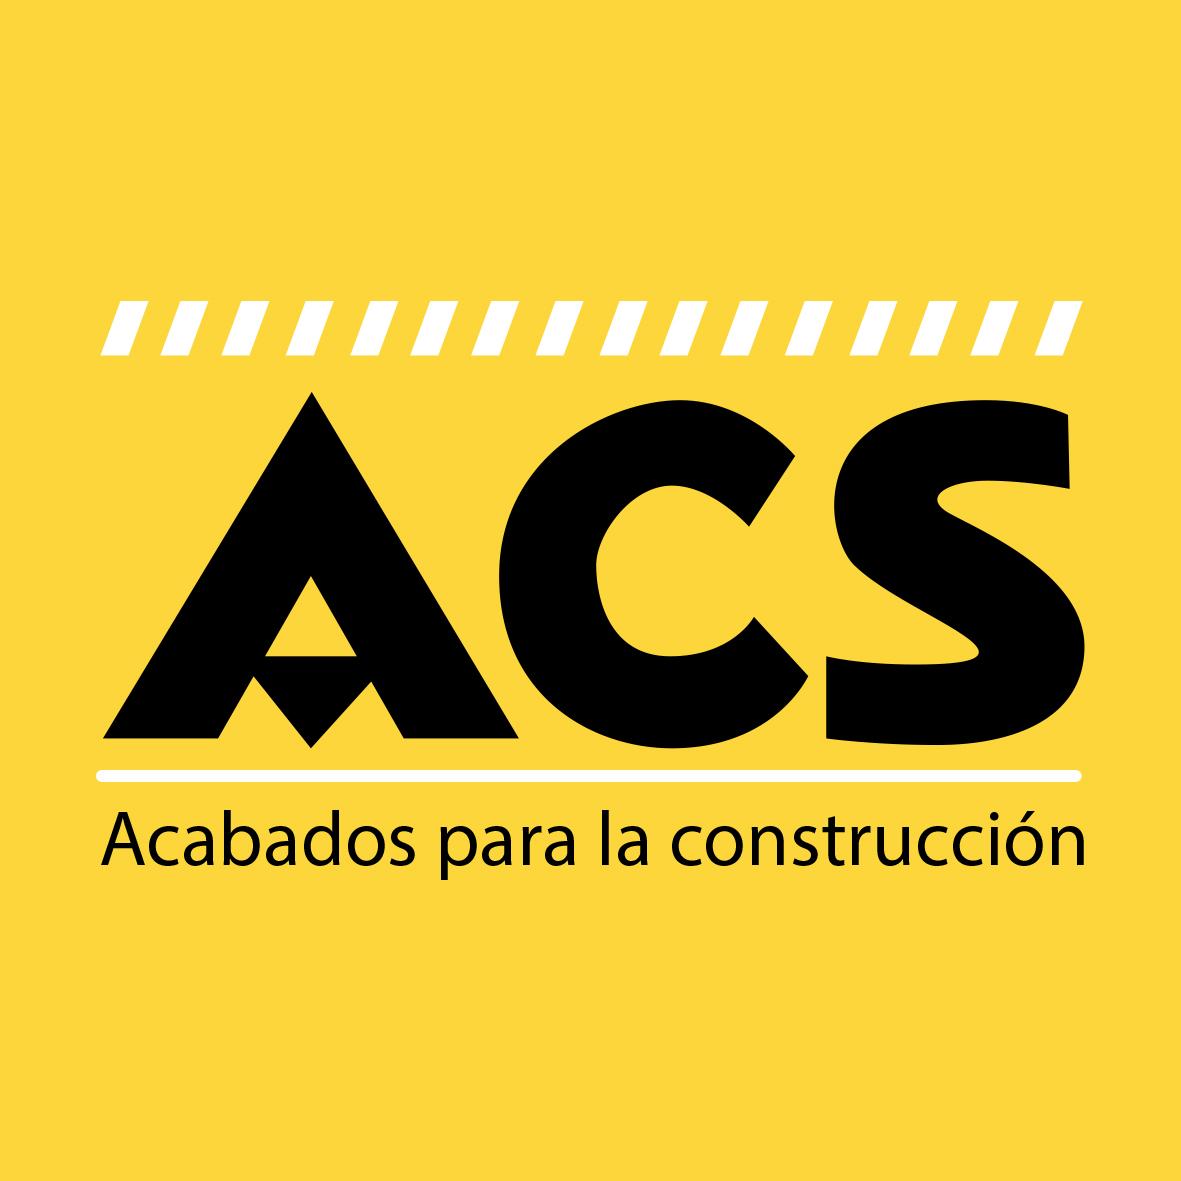 ACABADOS PARA LA CONSTRUCCIÓN Y SERVICIOS ACS